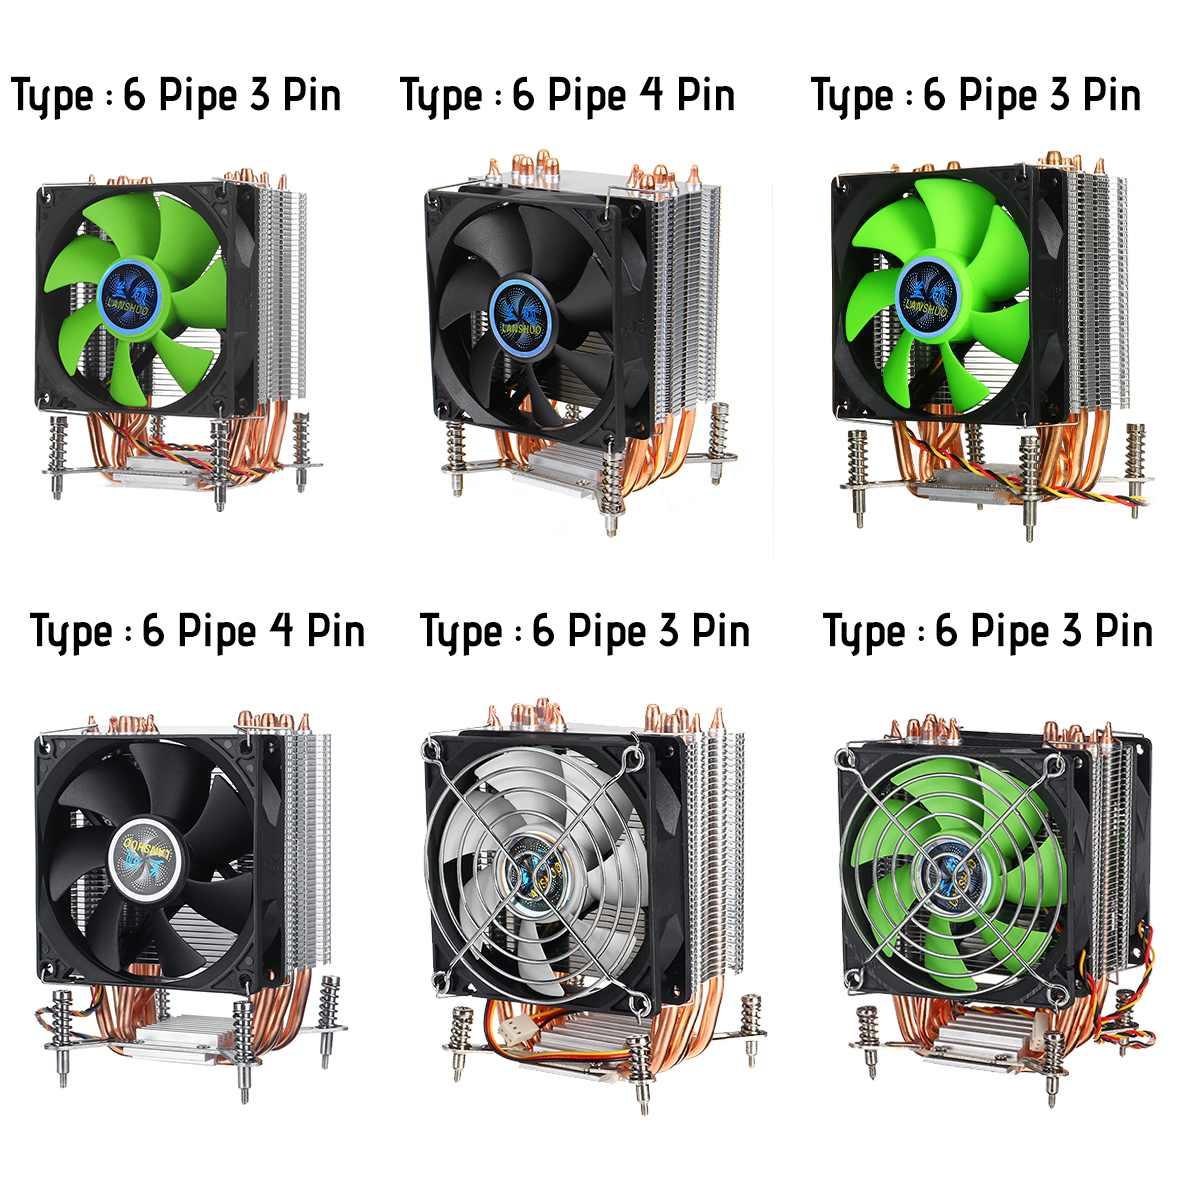 6 Heatpipes CPU Cooler Heatsink Fan Cooling 3pin/4pin Quiet Fan Cooler for LGA 1150/1151/1155/1156/1366/2011/X79/X99/299